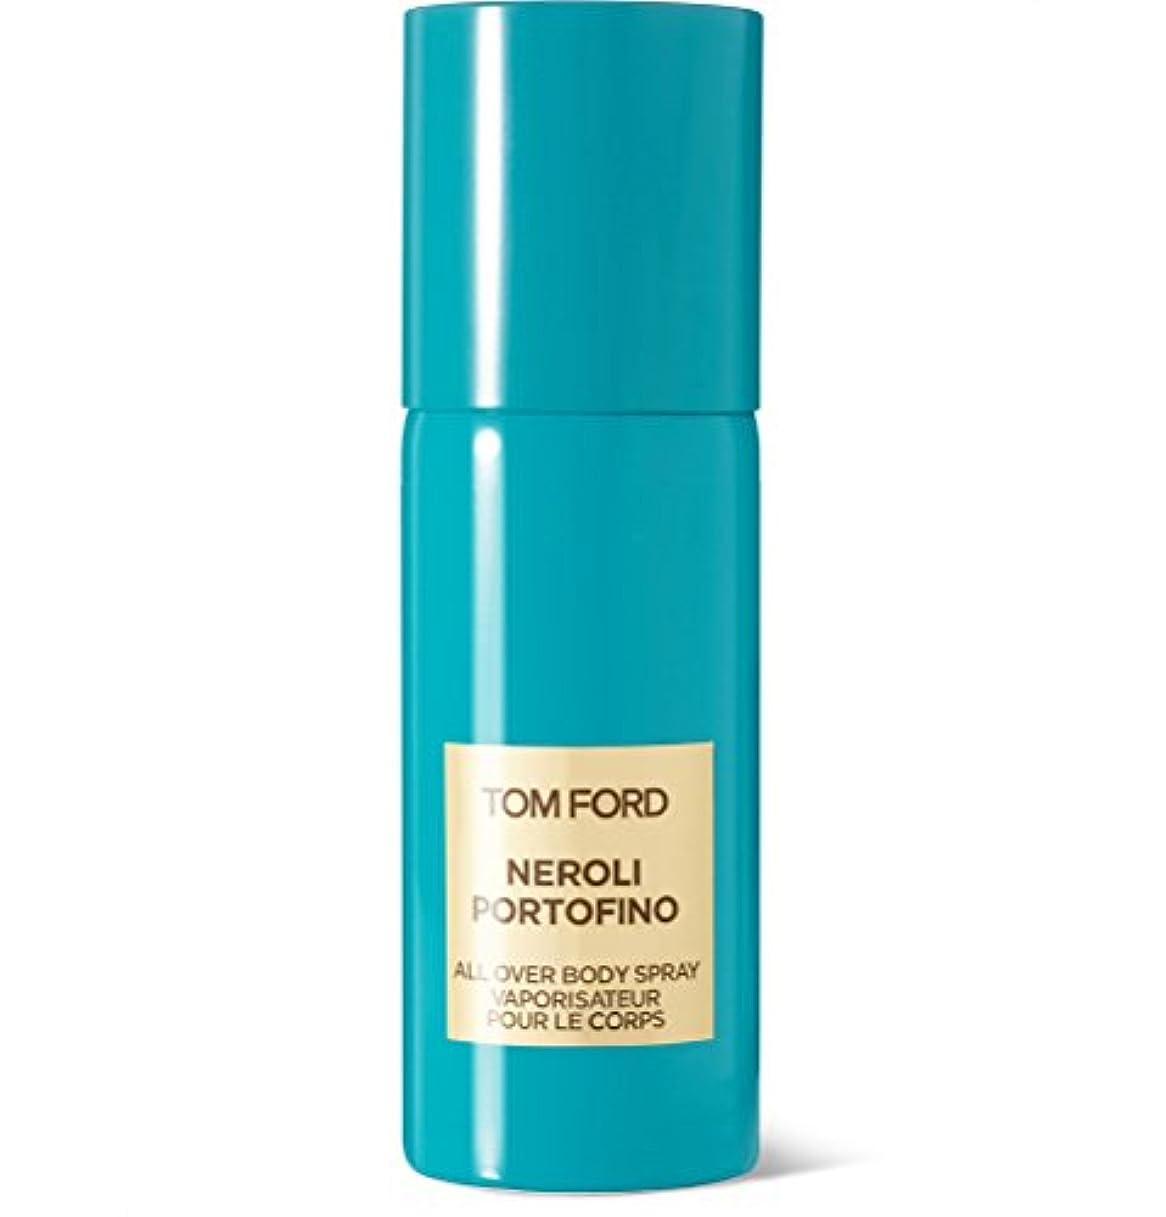 粒子エンゲージメントウィンクTom Ford Private Blend 'Neroli Portofino' (トムフォード プライベートブレンド ネロリポートフィーノ) 5.0 oz (150ml) Body Spray